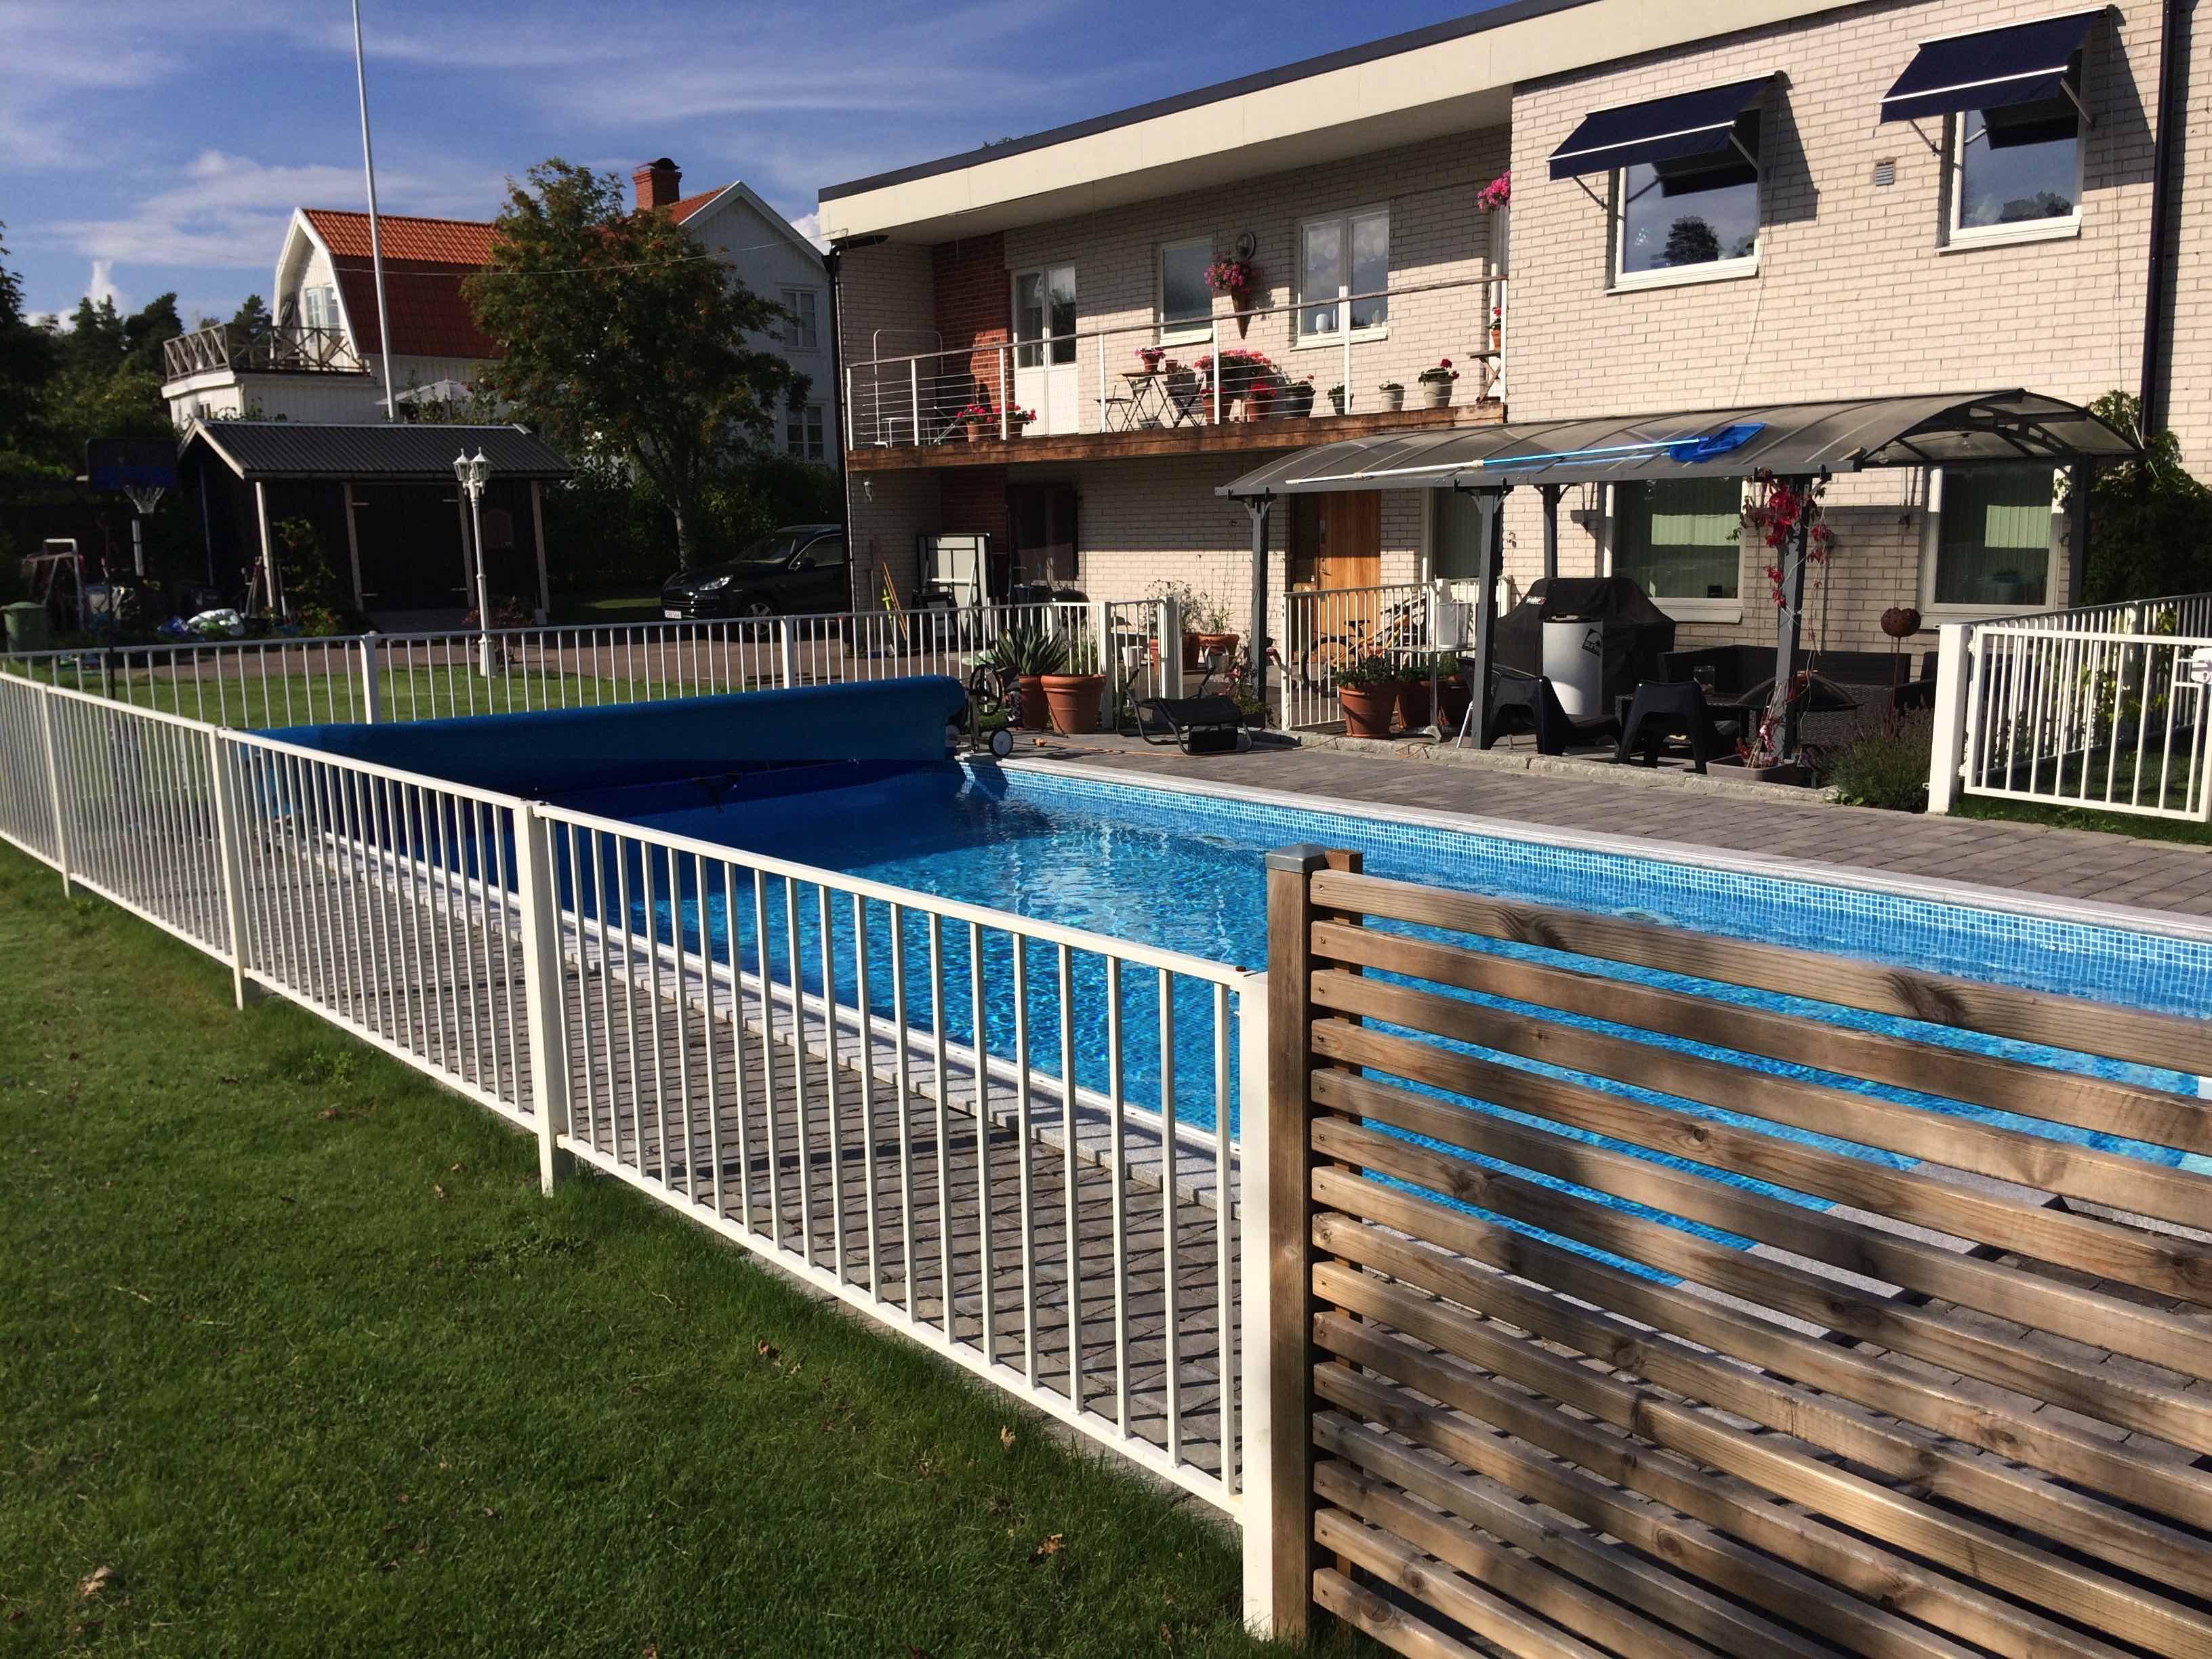 Frontyard   staket   grindar   smide   referensbilder